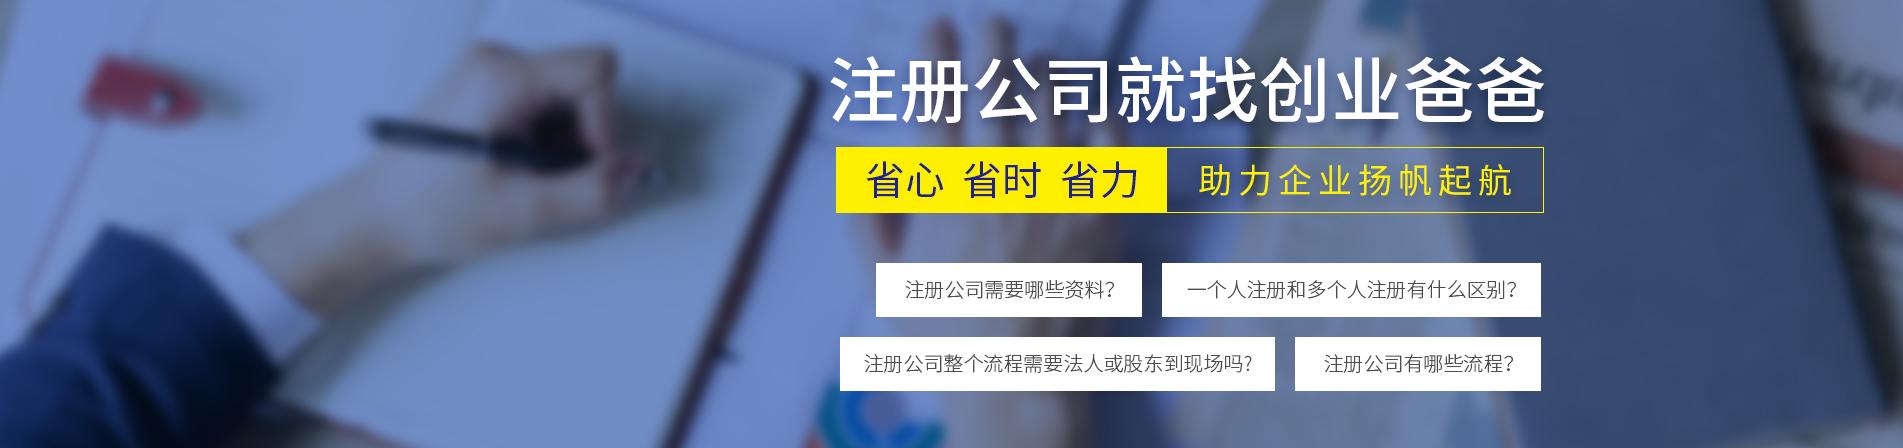 深圳网投时时彩APP